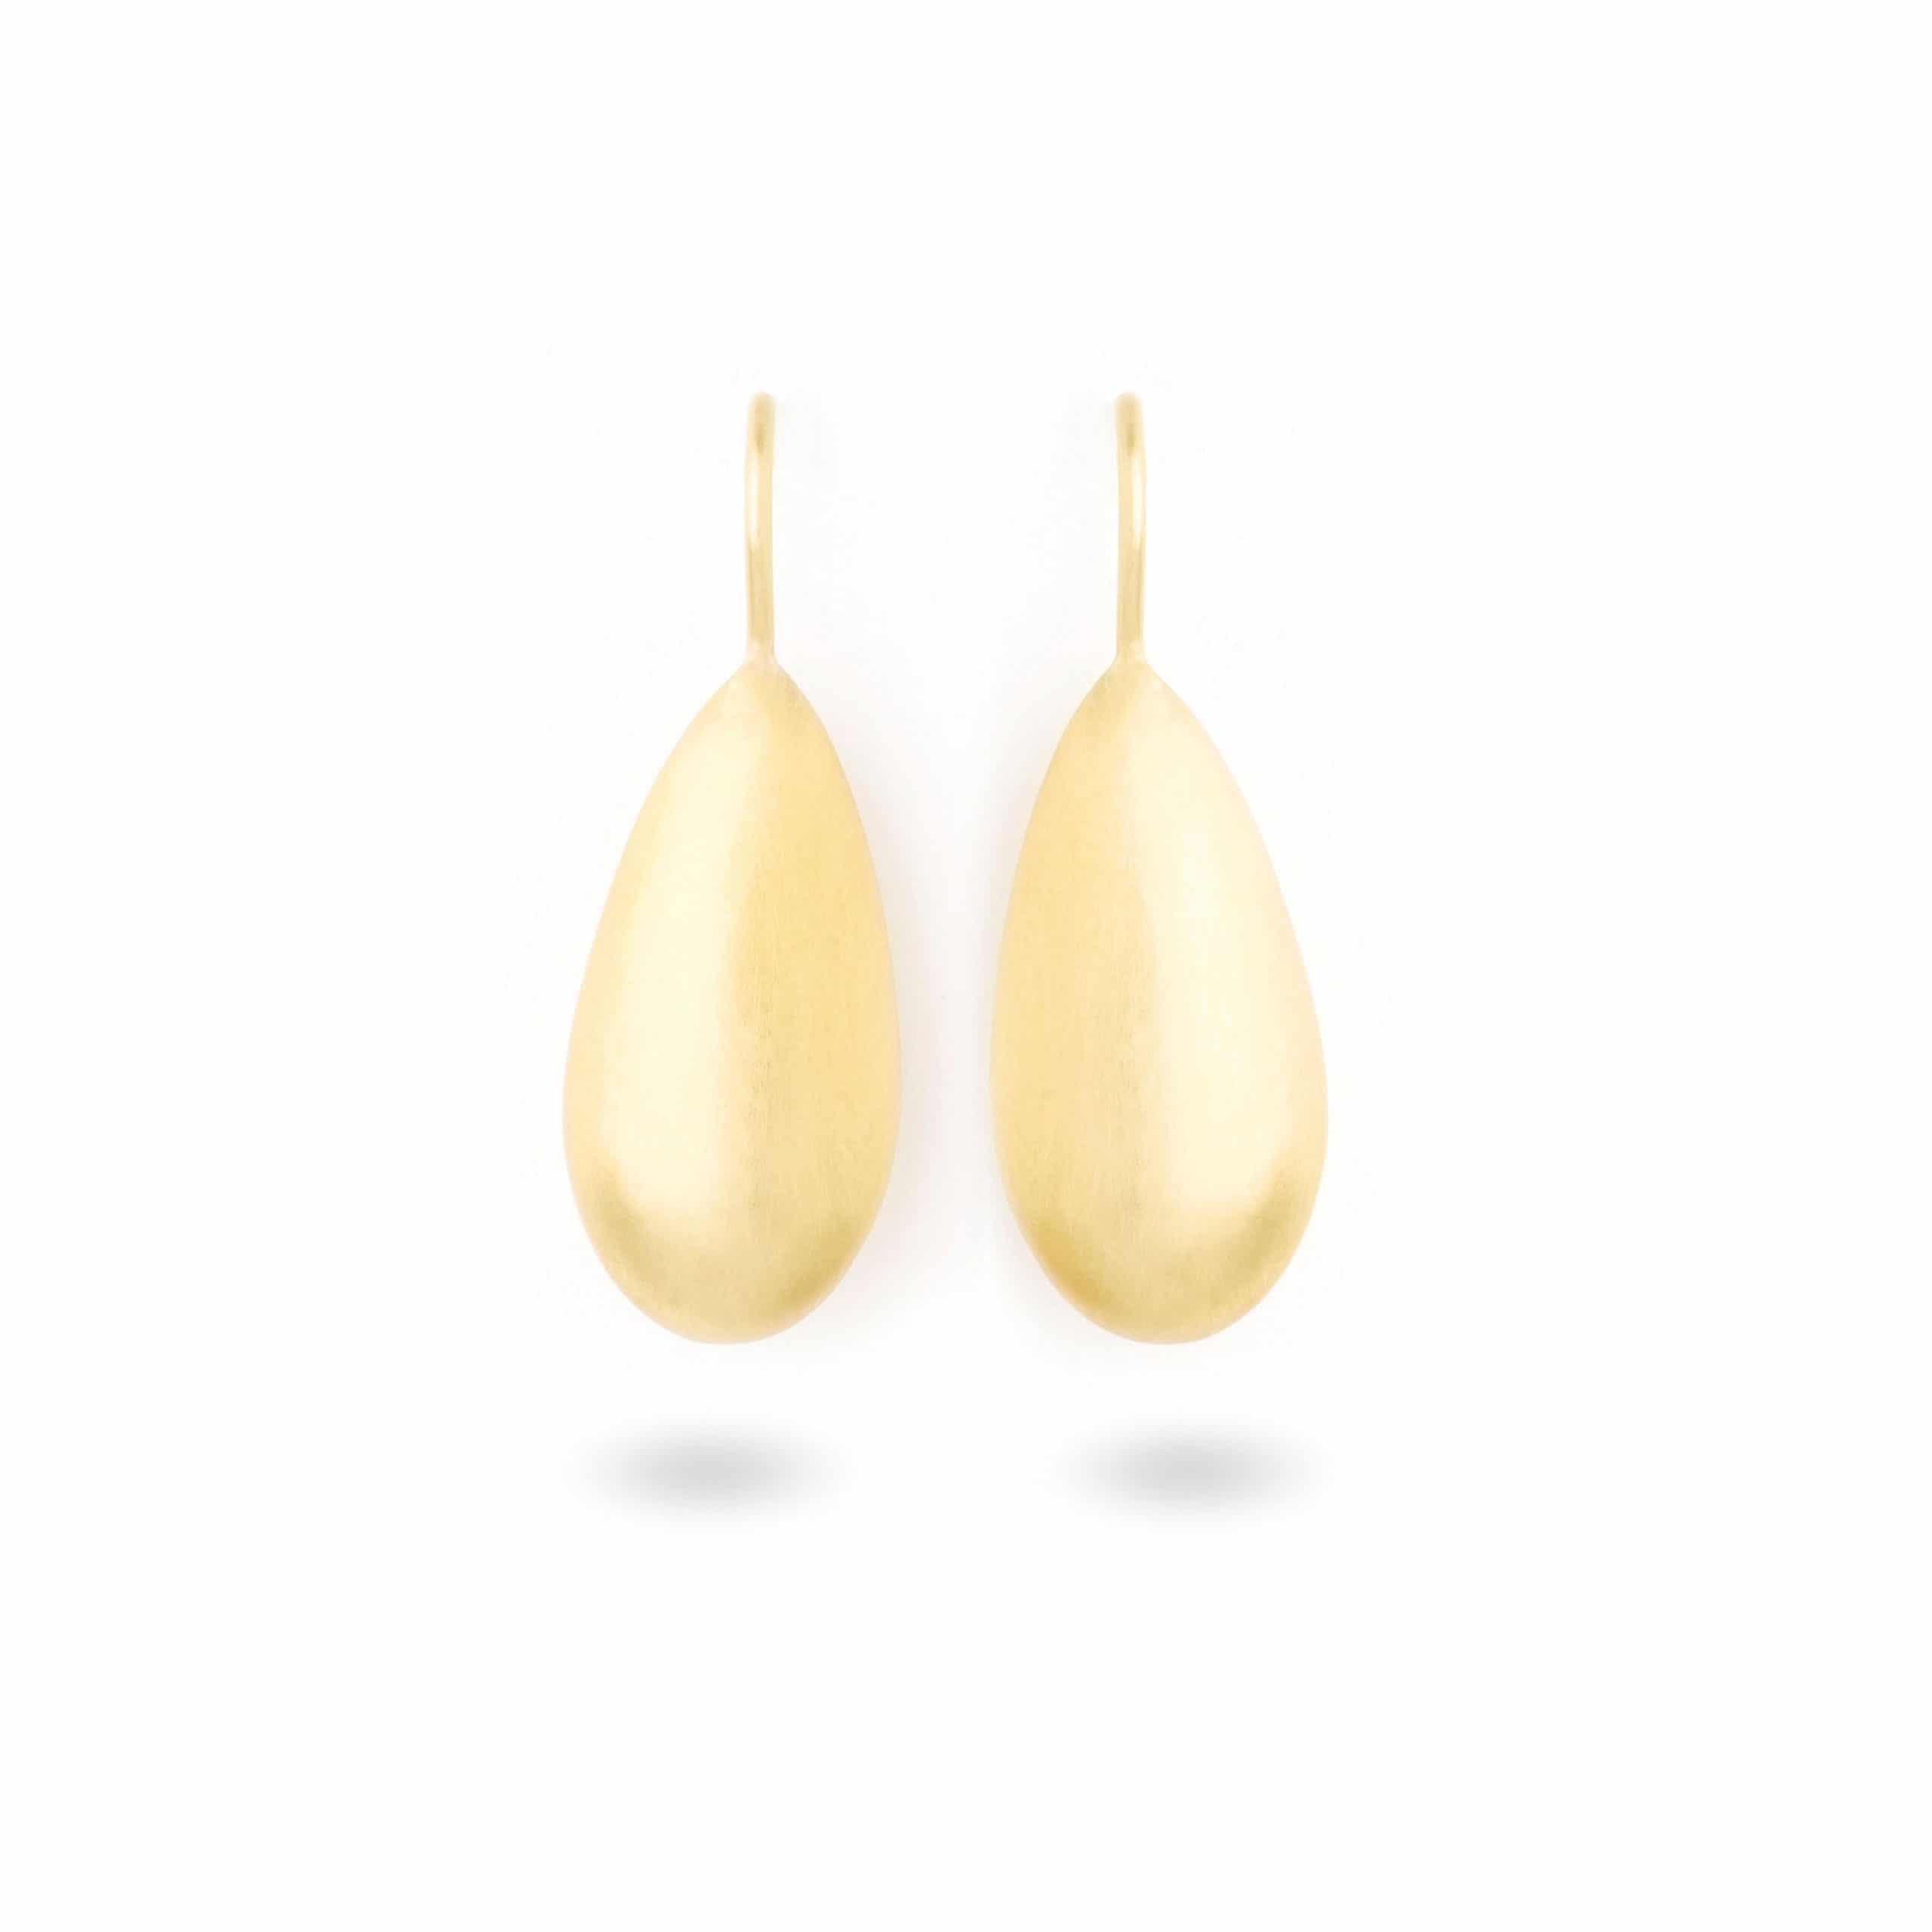 Boucles d'oreilles gouttes d'or